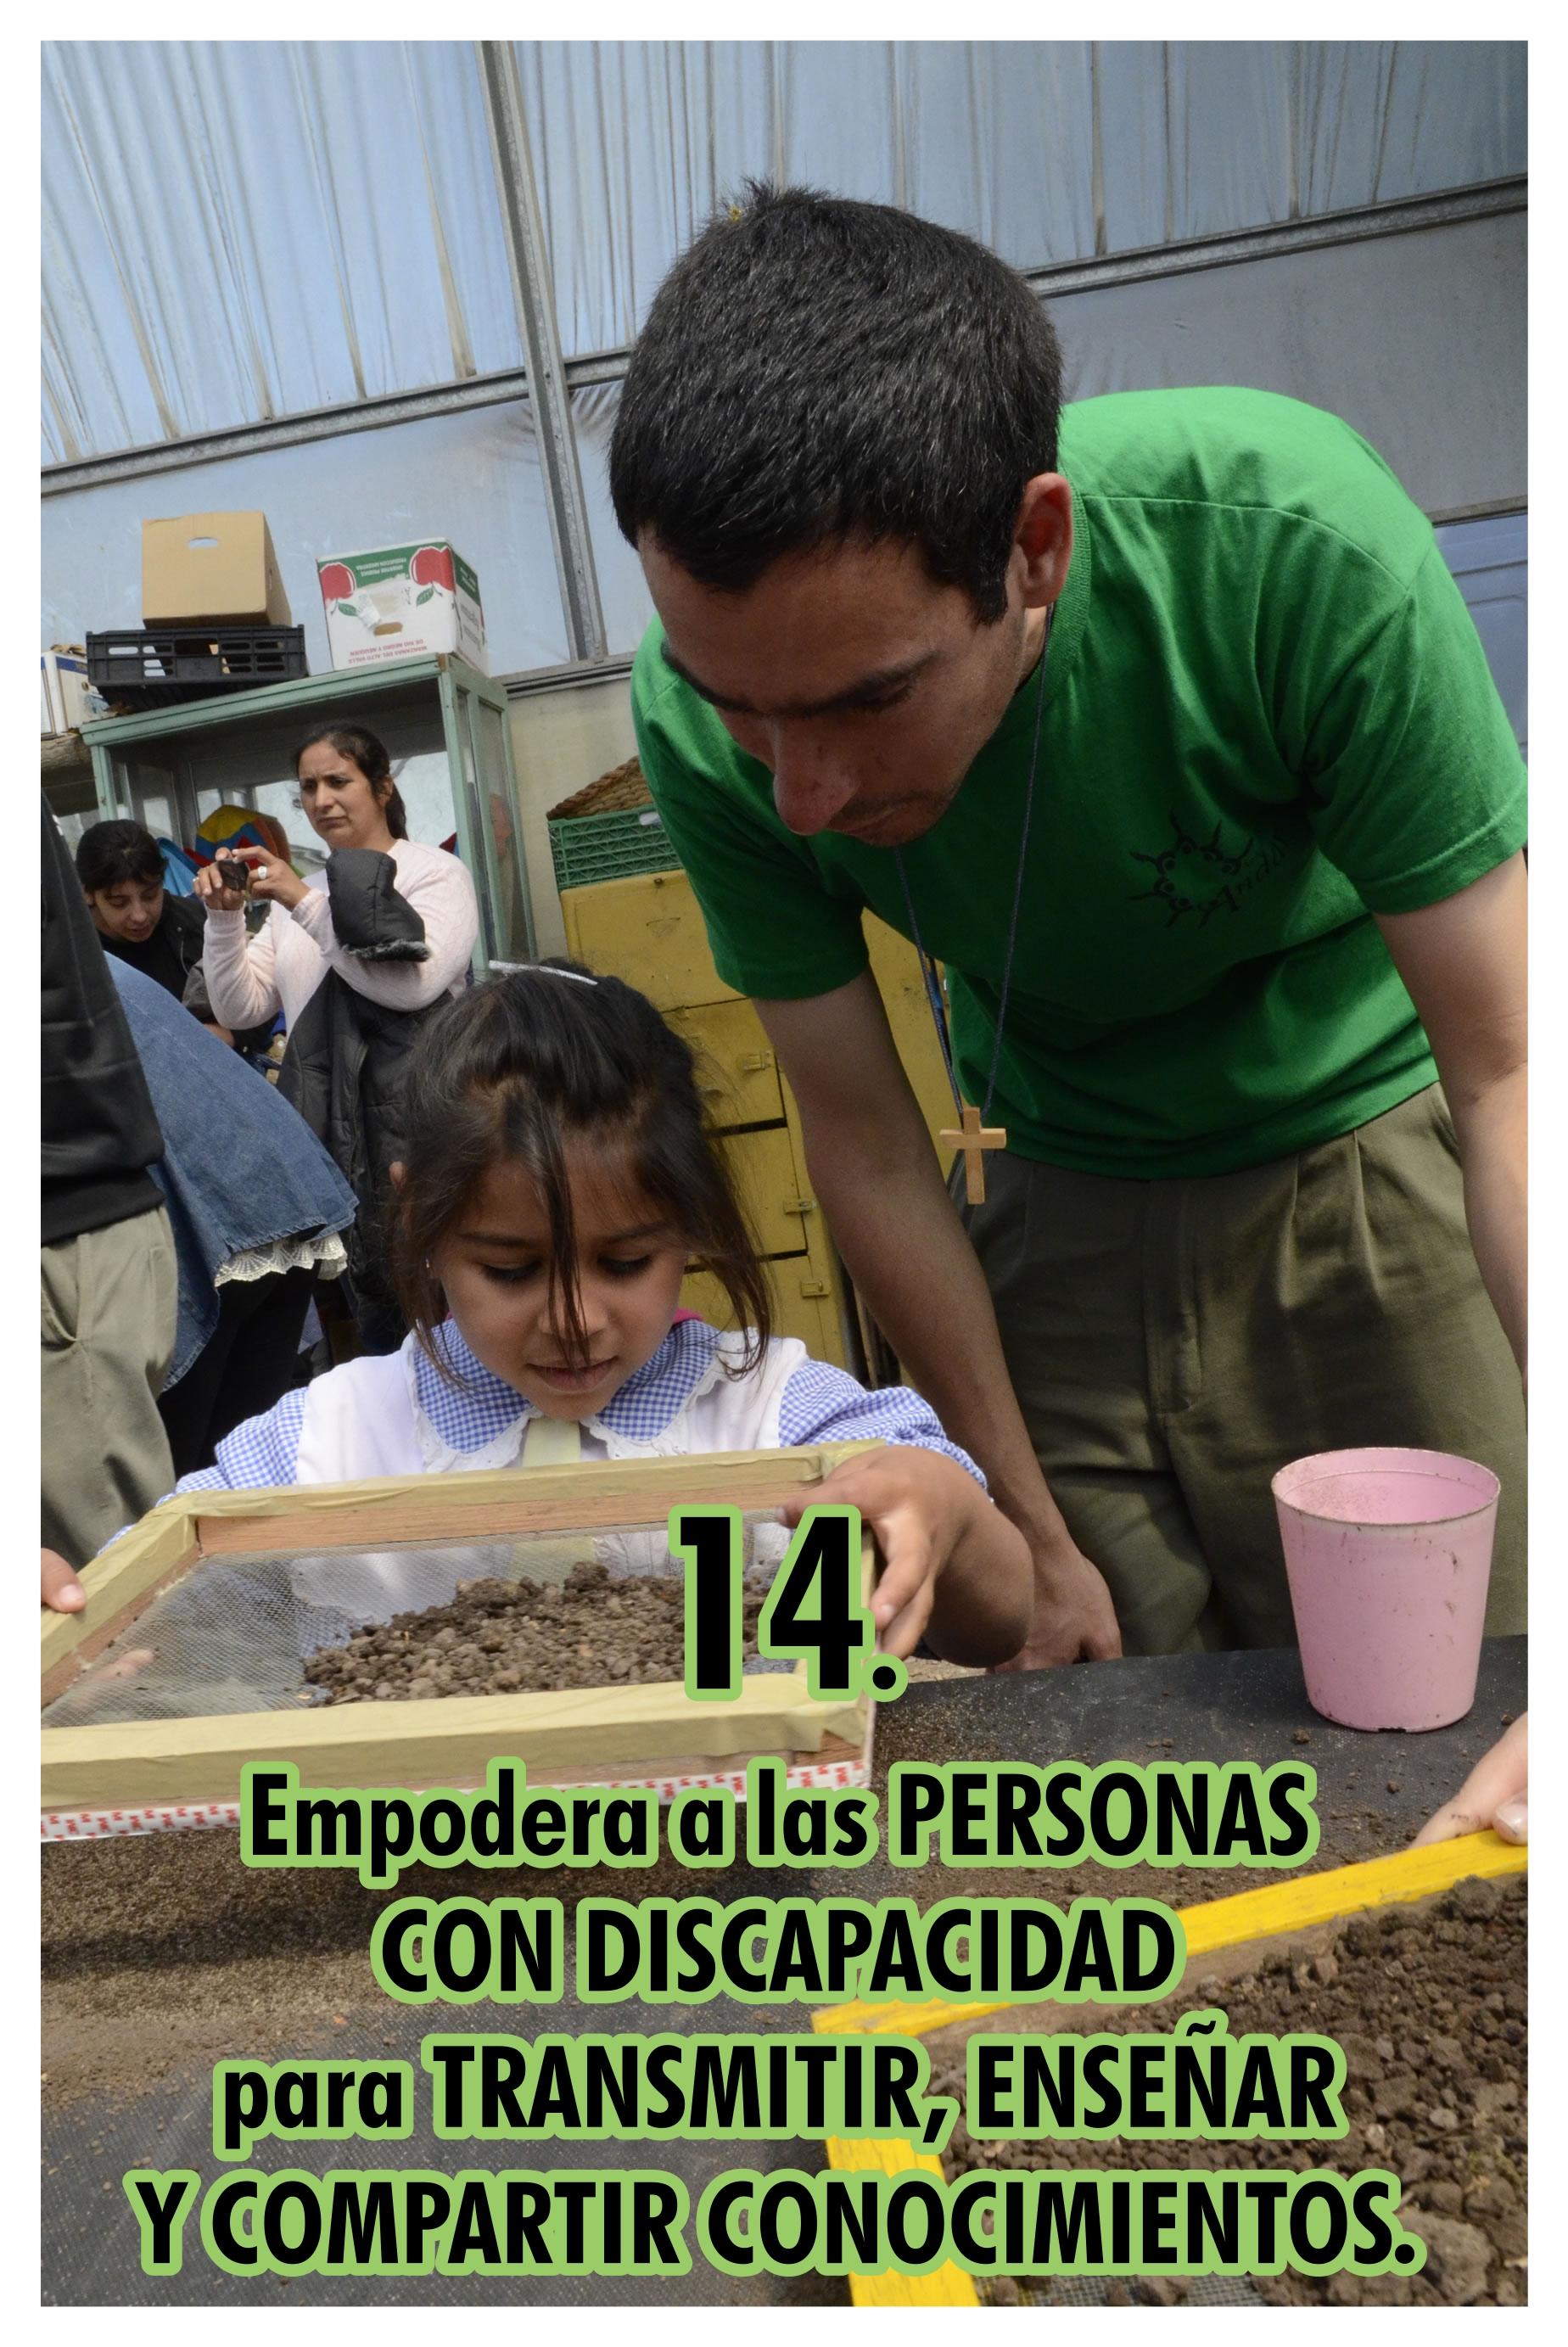 14. Empodera a las PERSONAS CON DISCAPACIDAD para TRANSMITIR, ENSEÑAR Y COMPARTIR CONOCIMIENTOS.